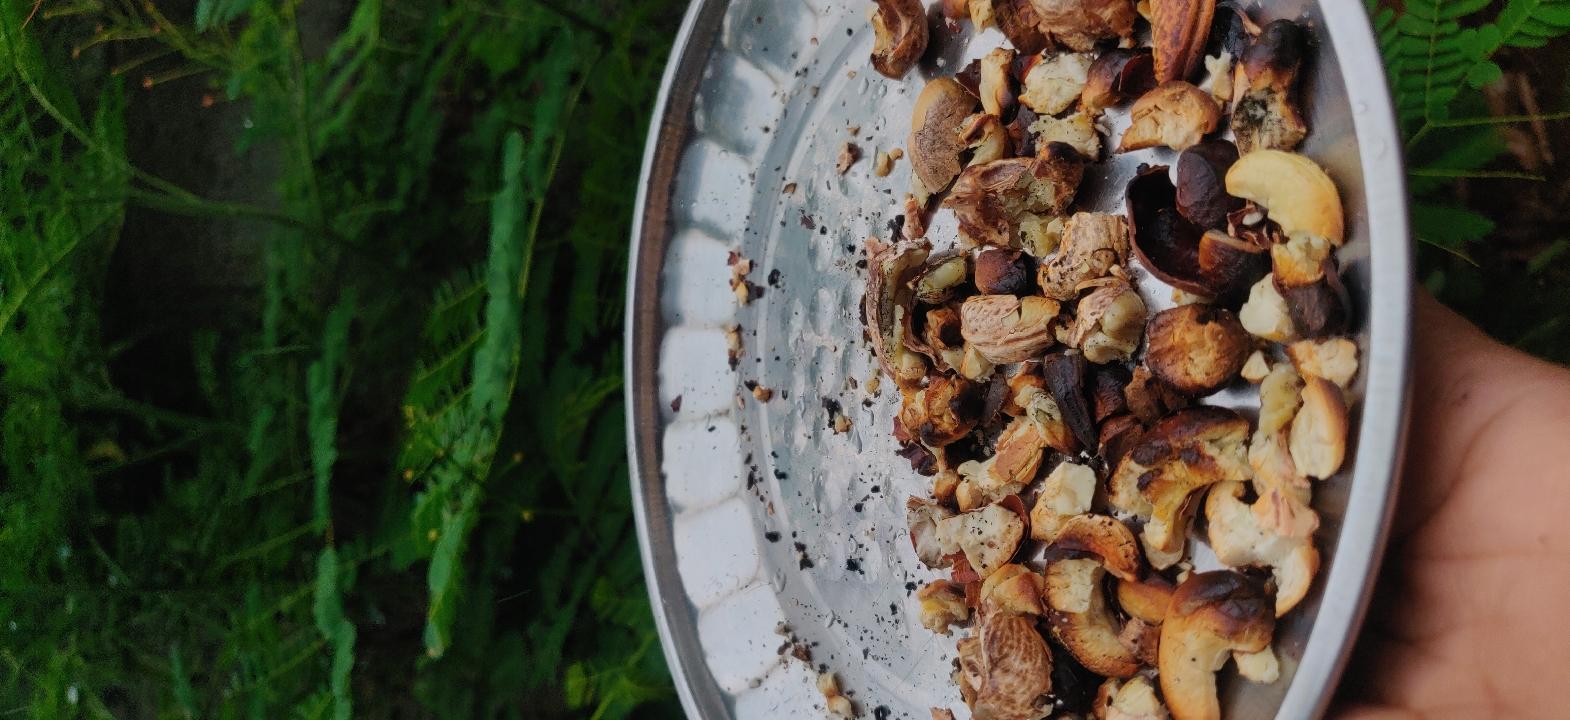 #casue nuts #traditional way❤️